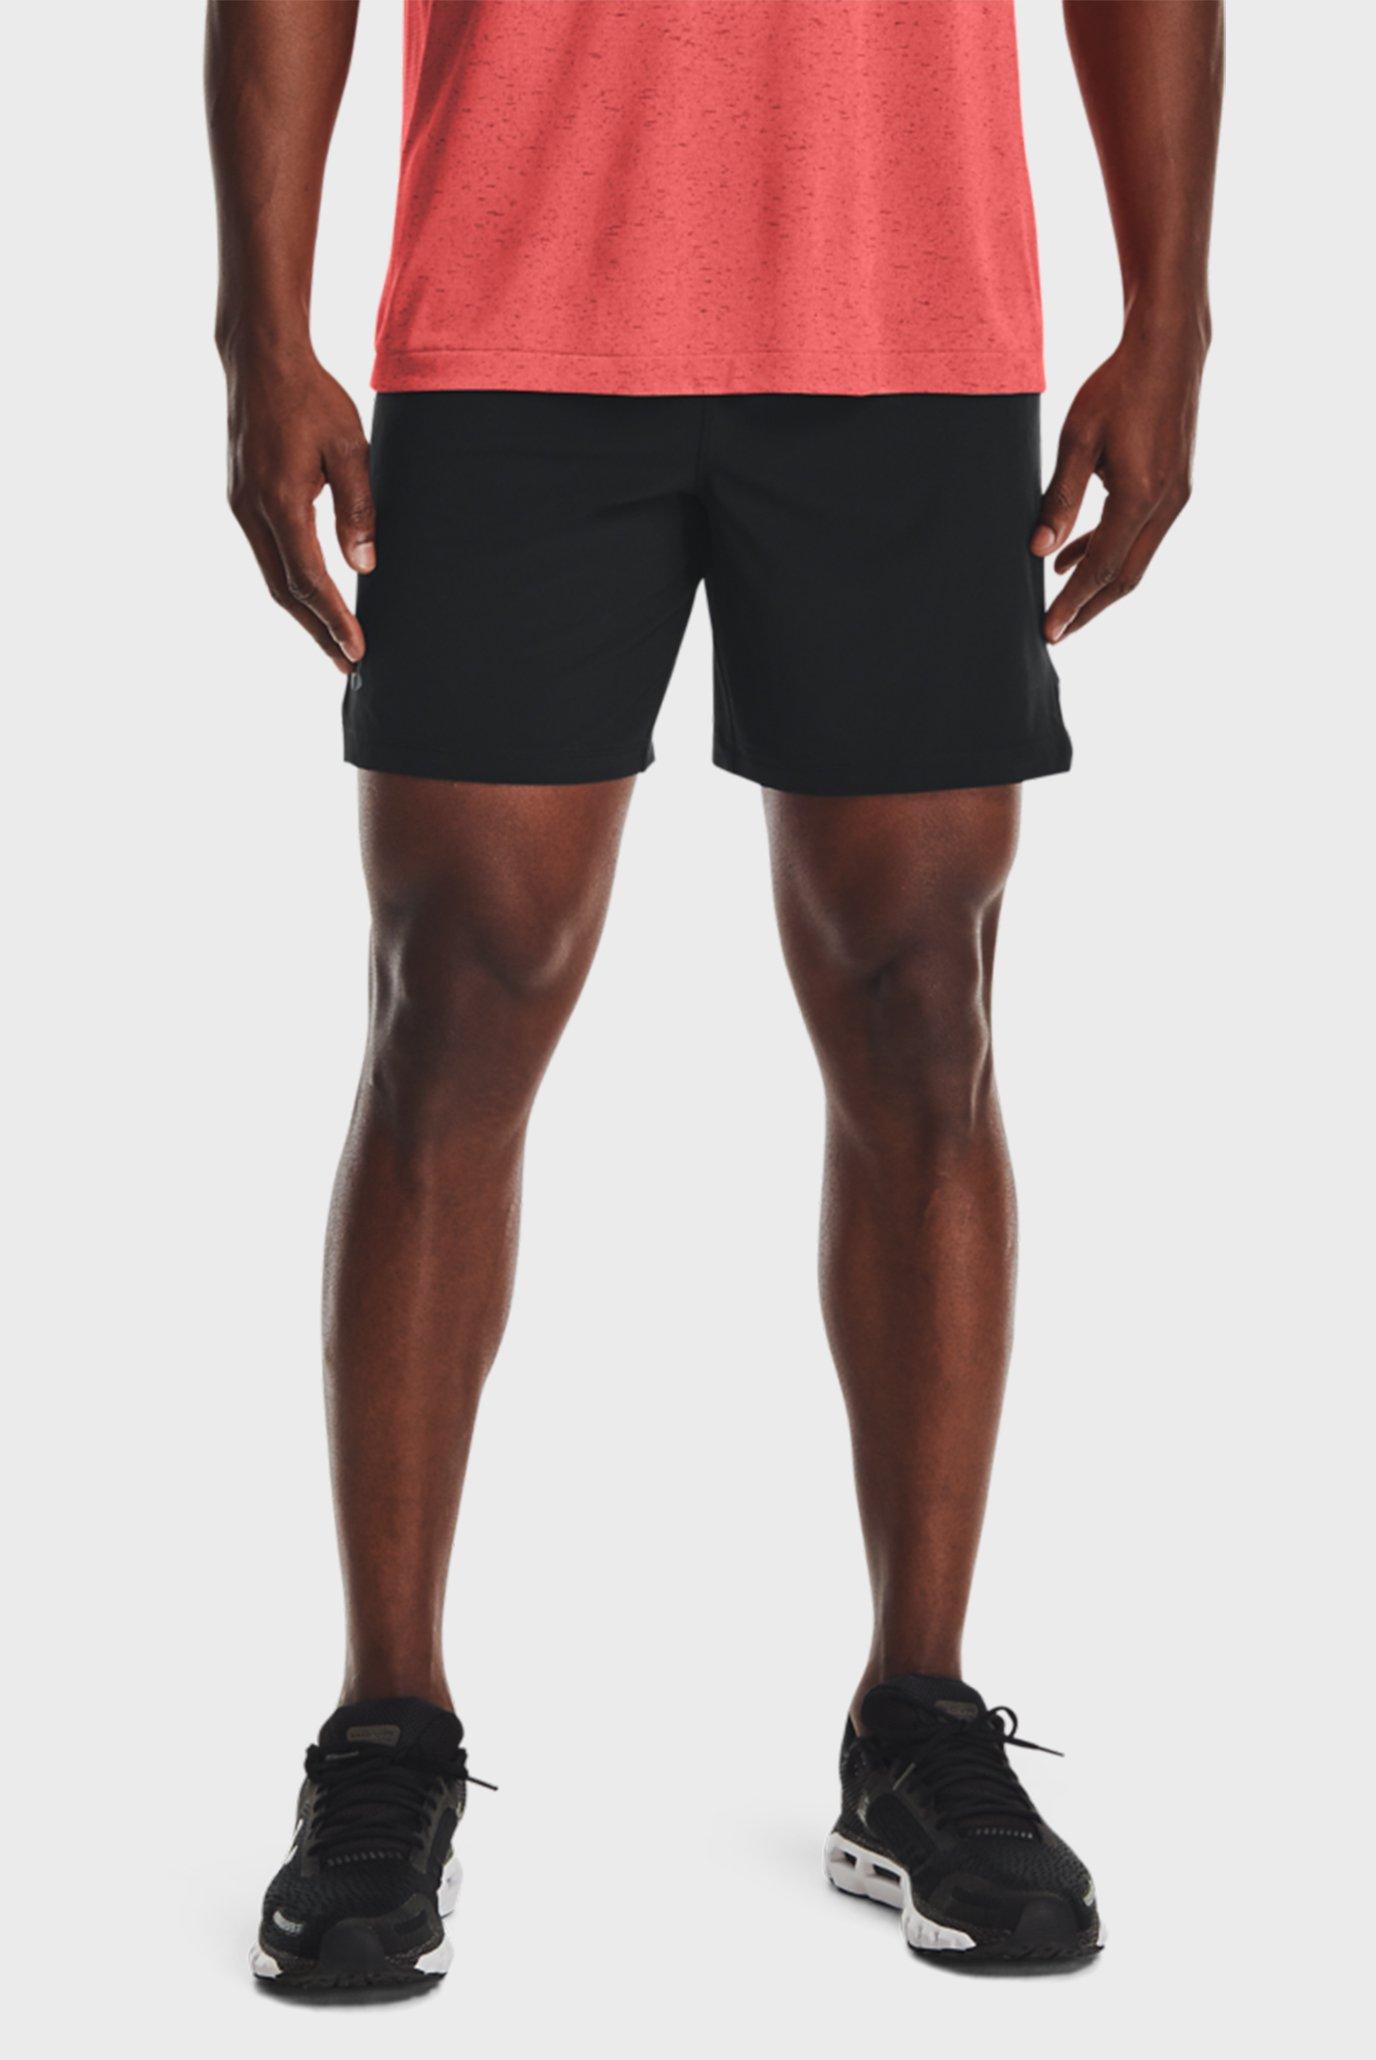 Чоловічі чорні шорти UA SpeedPocket 7 '' Short 1